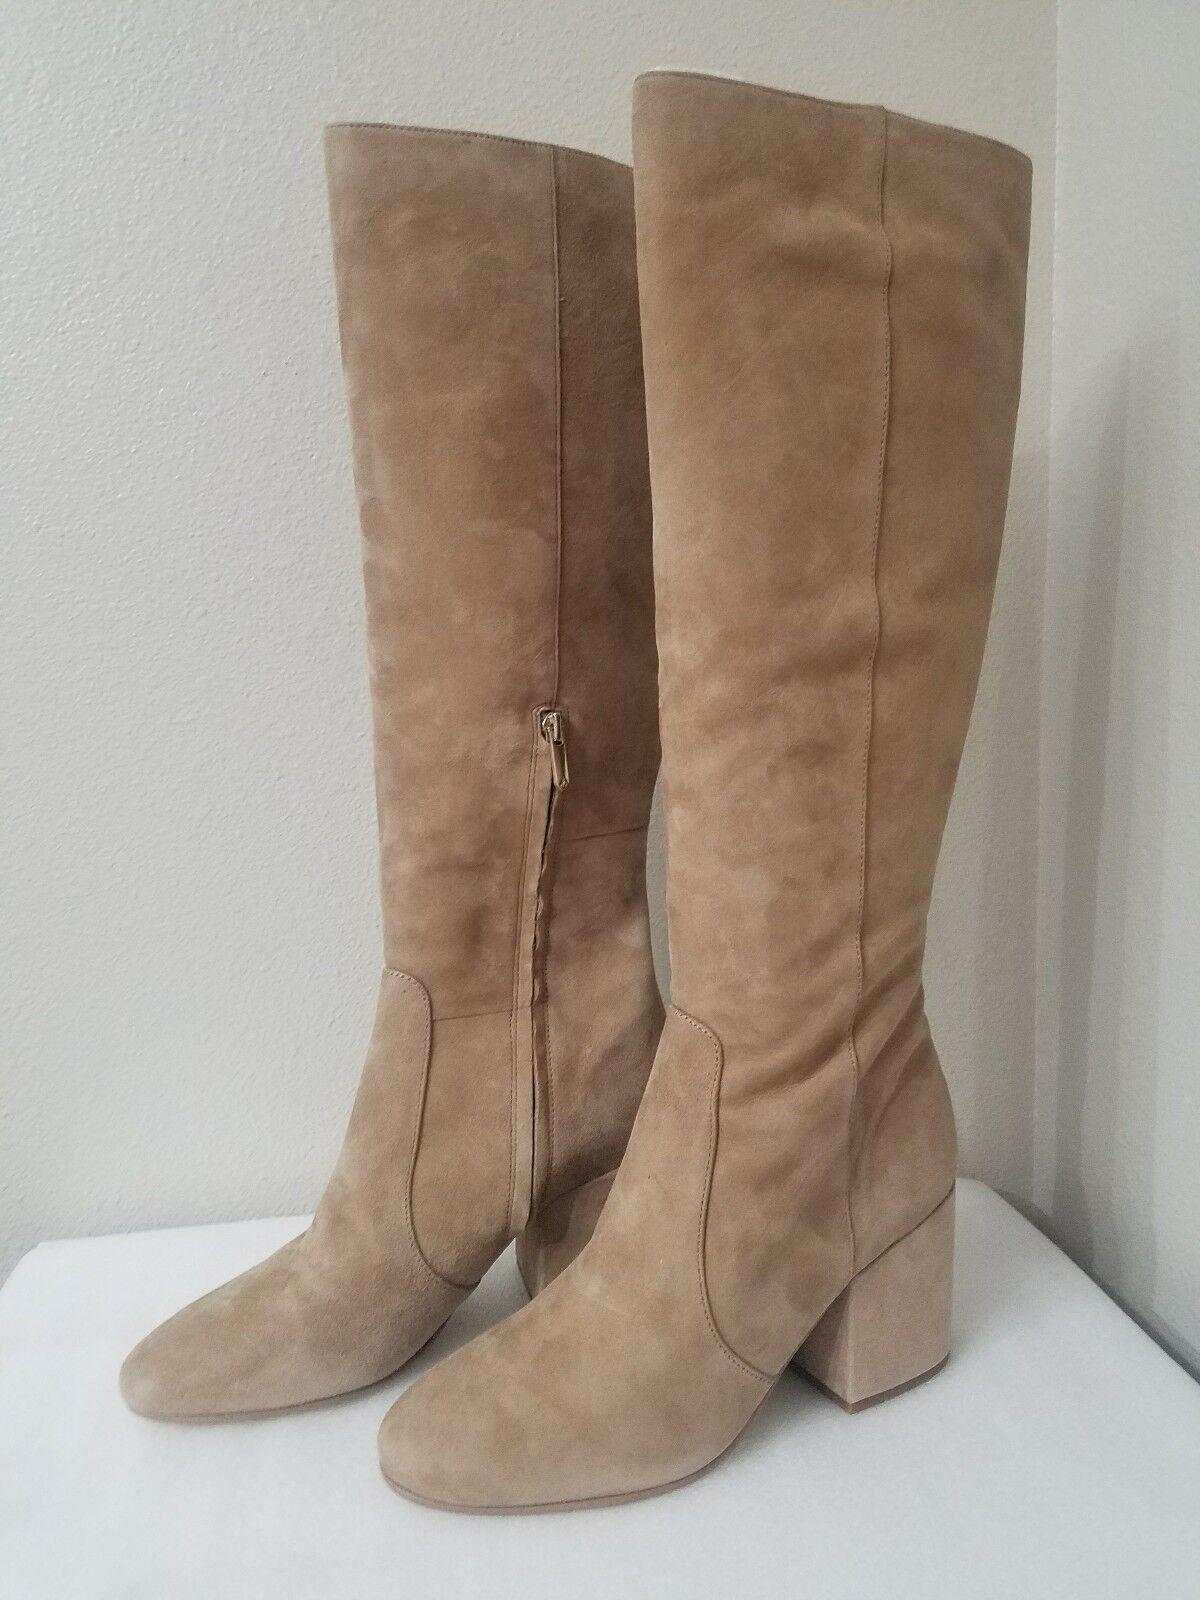 vieni a scegliere il tuo stile sportivo Sam Edelman Thora Oatmeal Suede Suede Suede Leather Tall stivali 6.5M  molto popolare